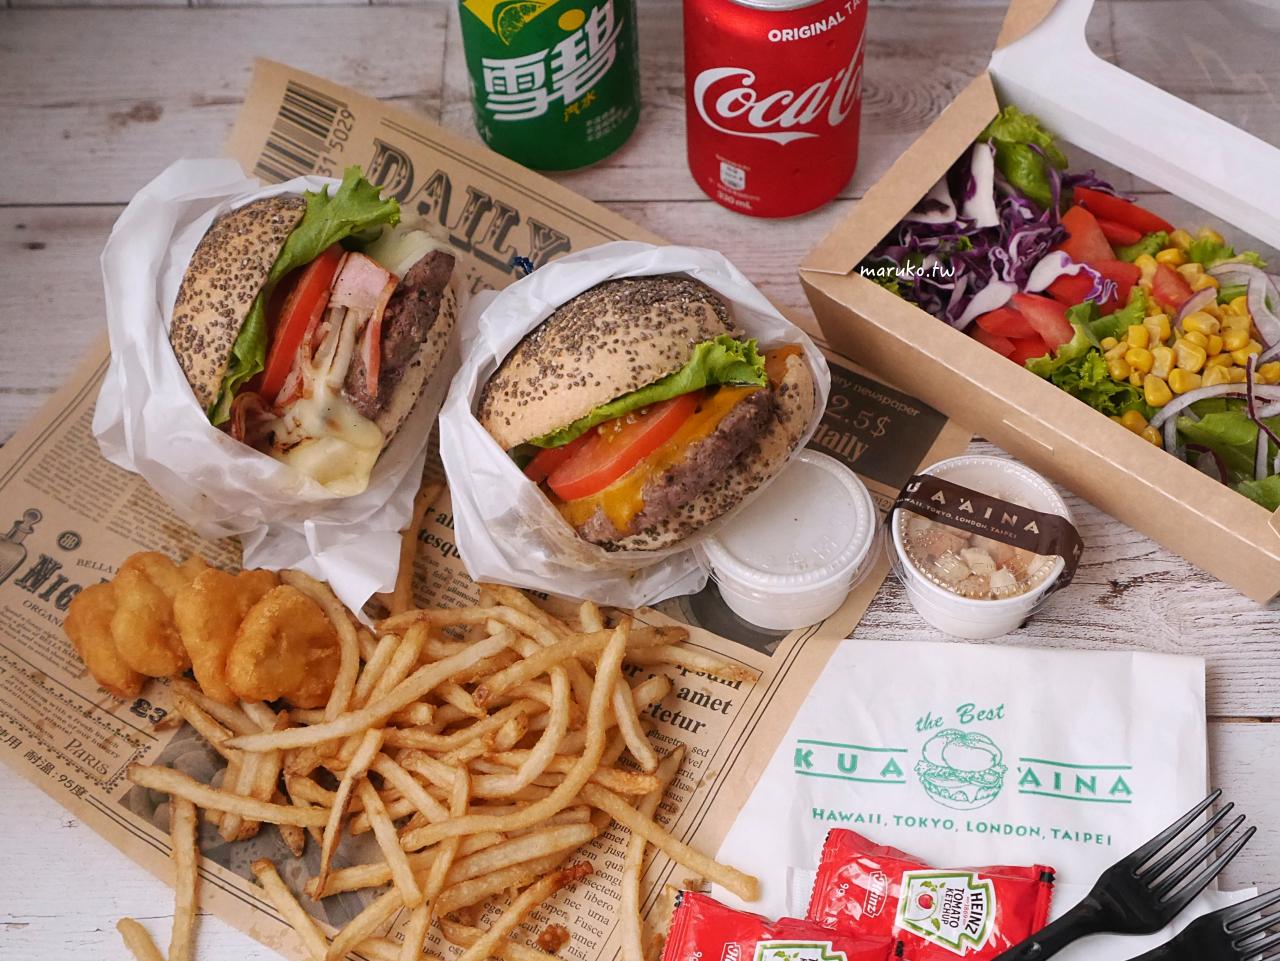 【台北】KUA-AINA 夏威夷漢堡 風靡日本的夏威夷漢堡回歸 火山熔岩爐烤漢堡只要165元起